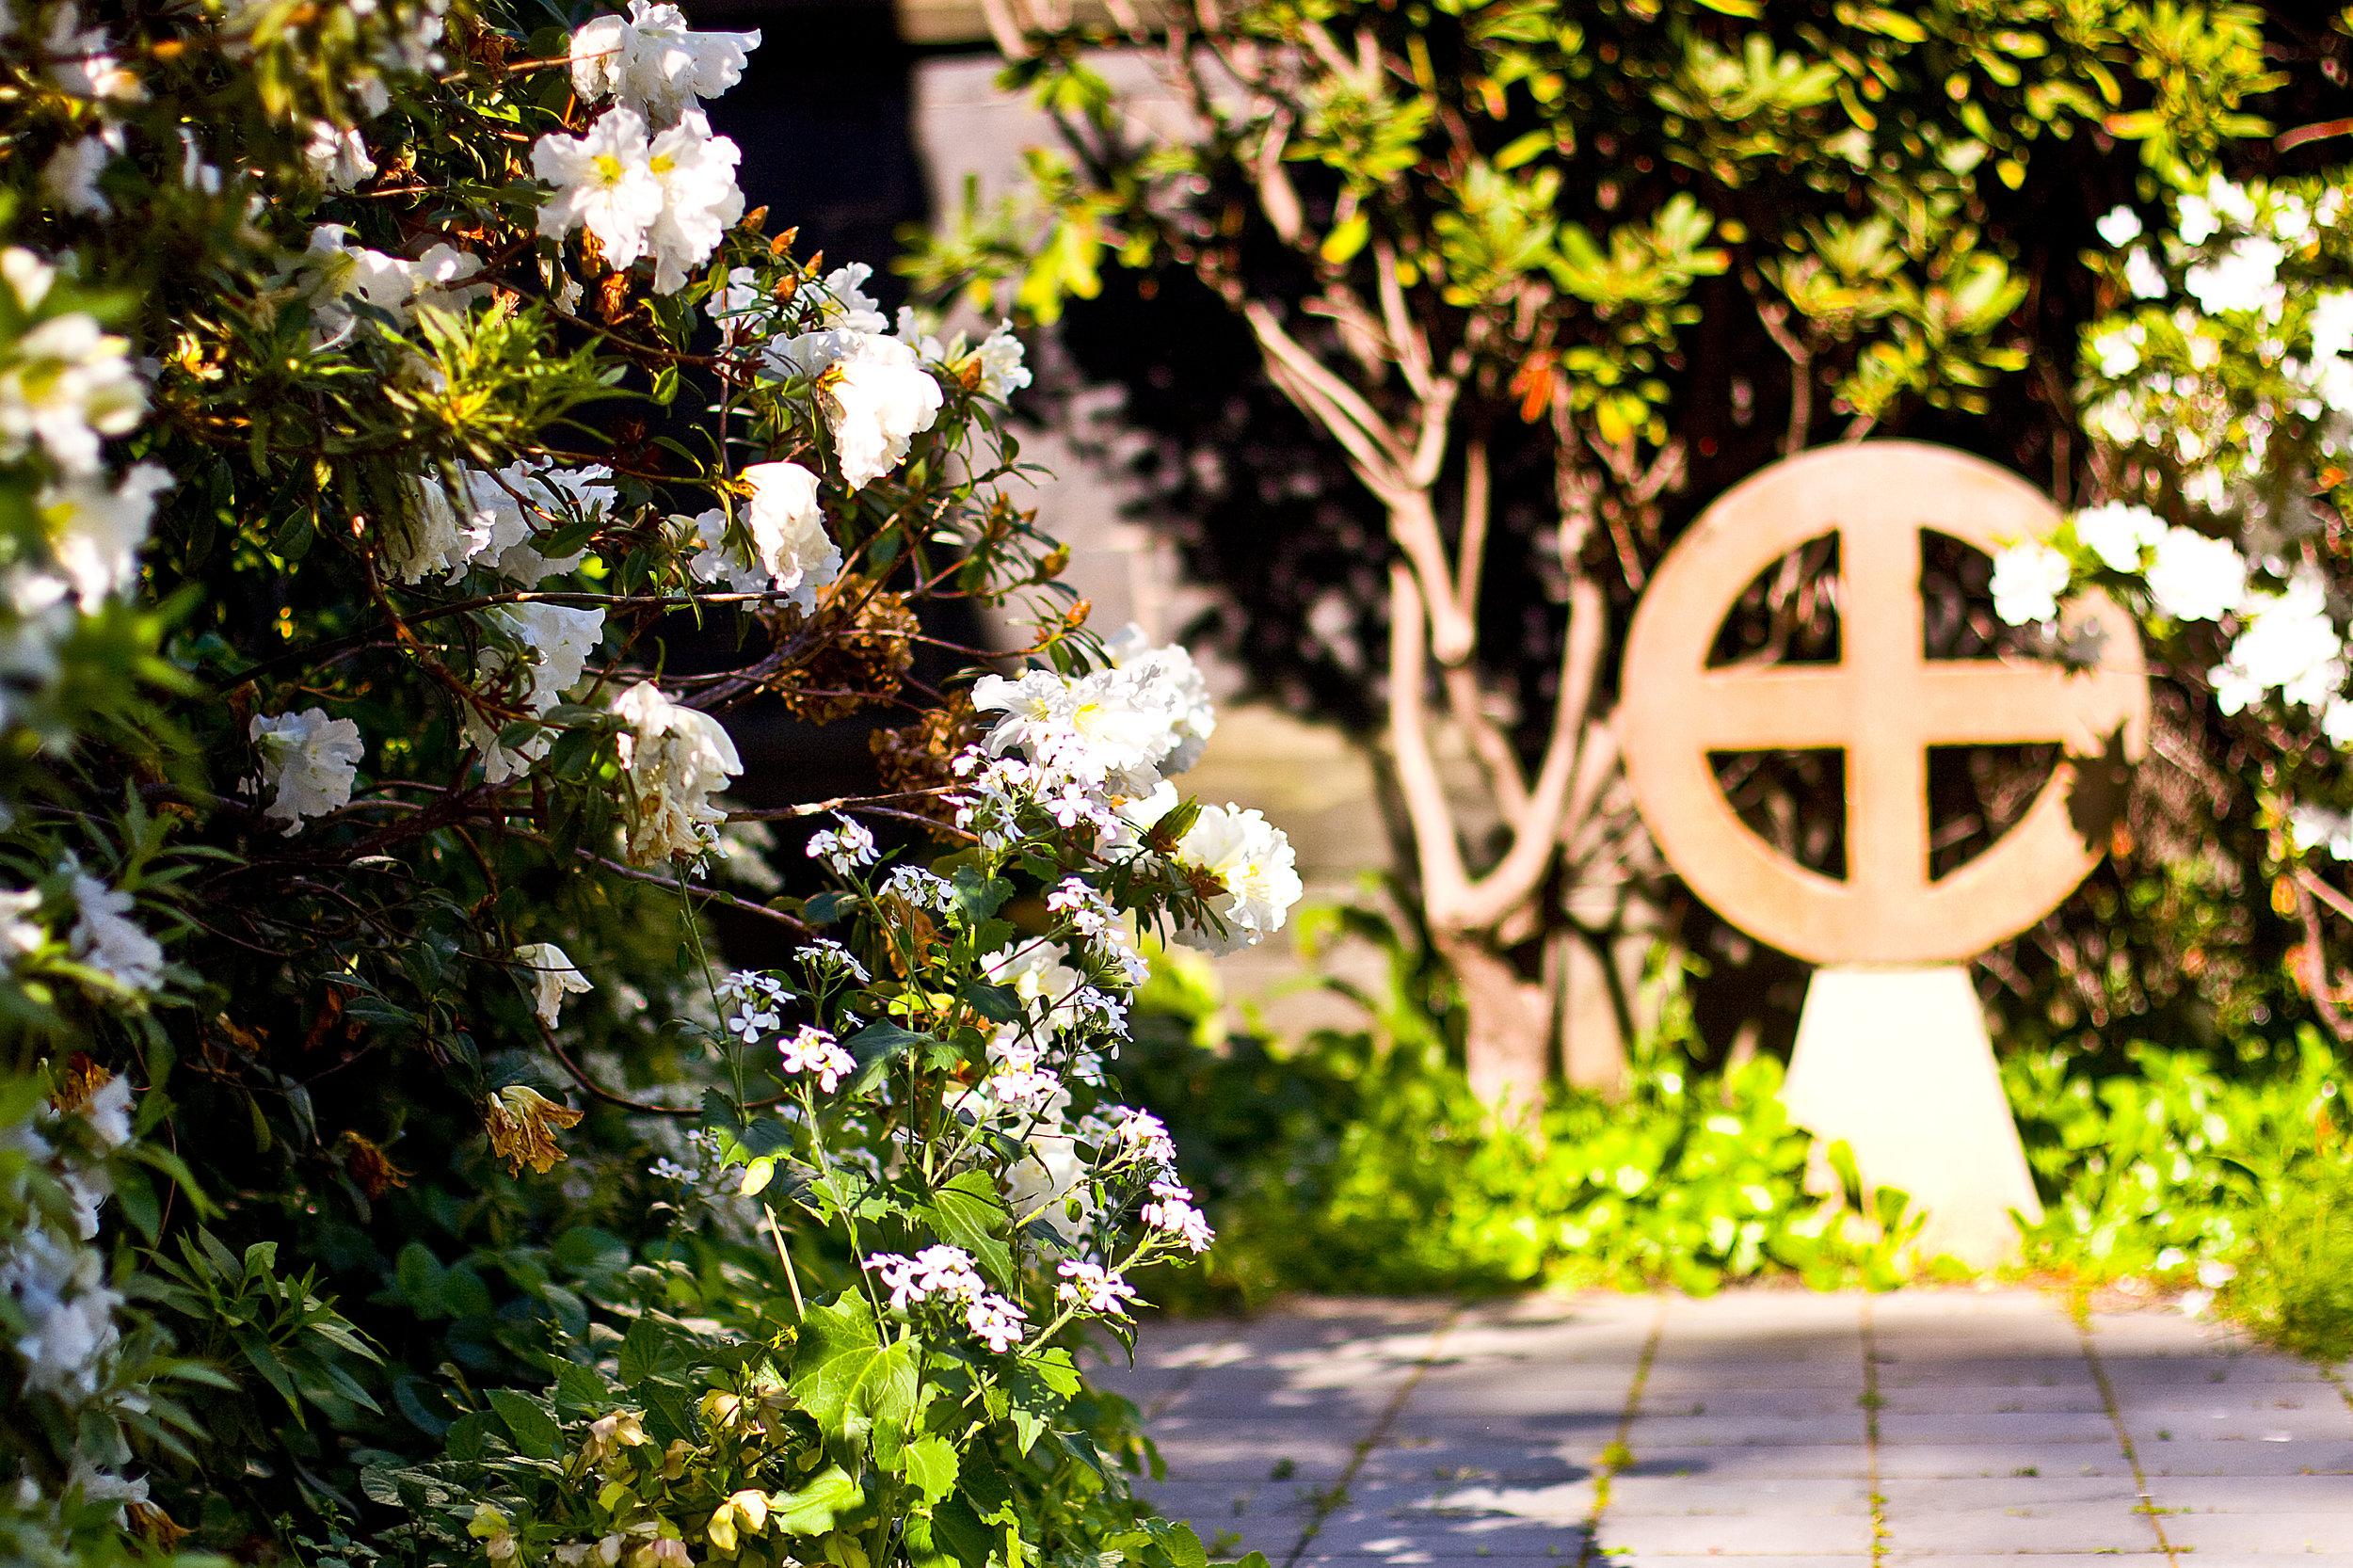 CCSY Memorial Garden